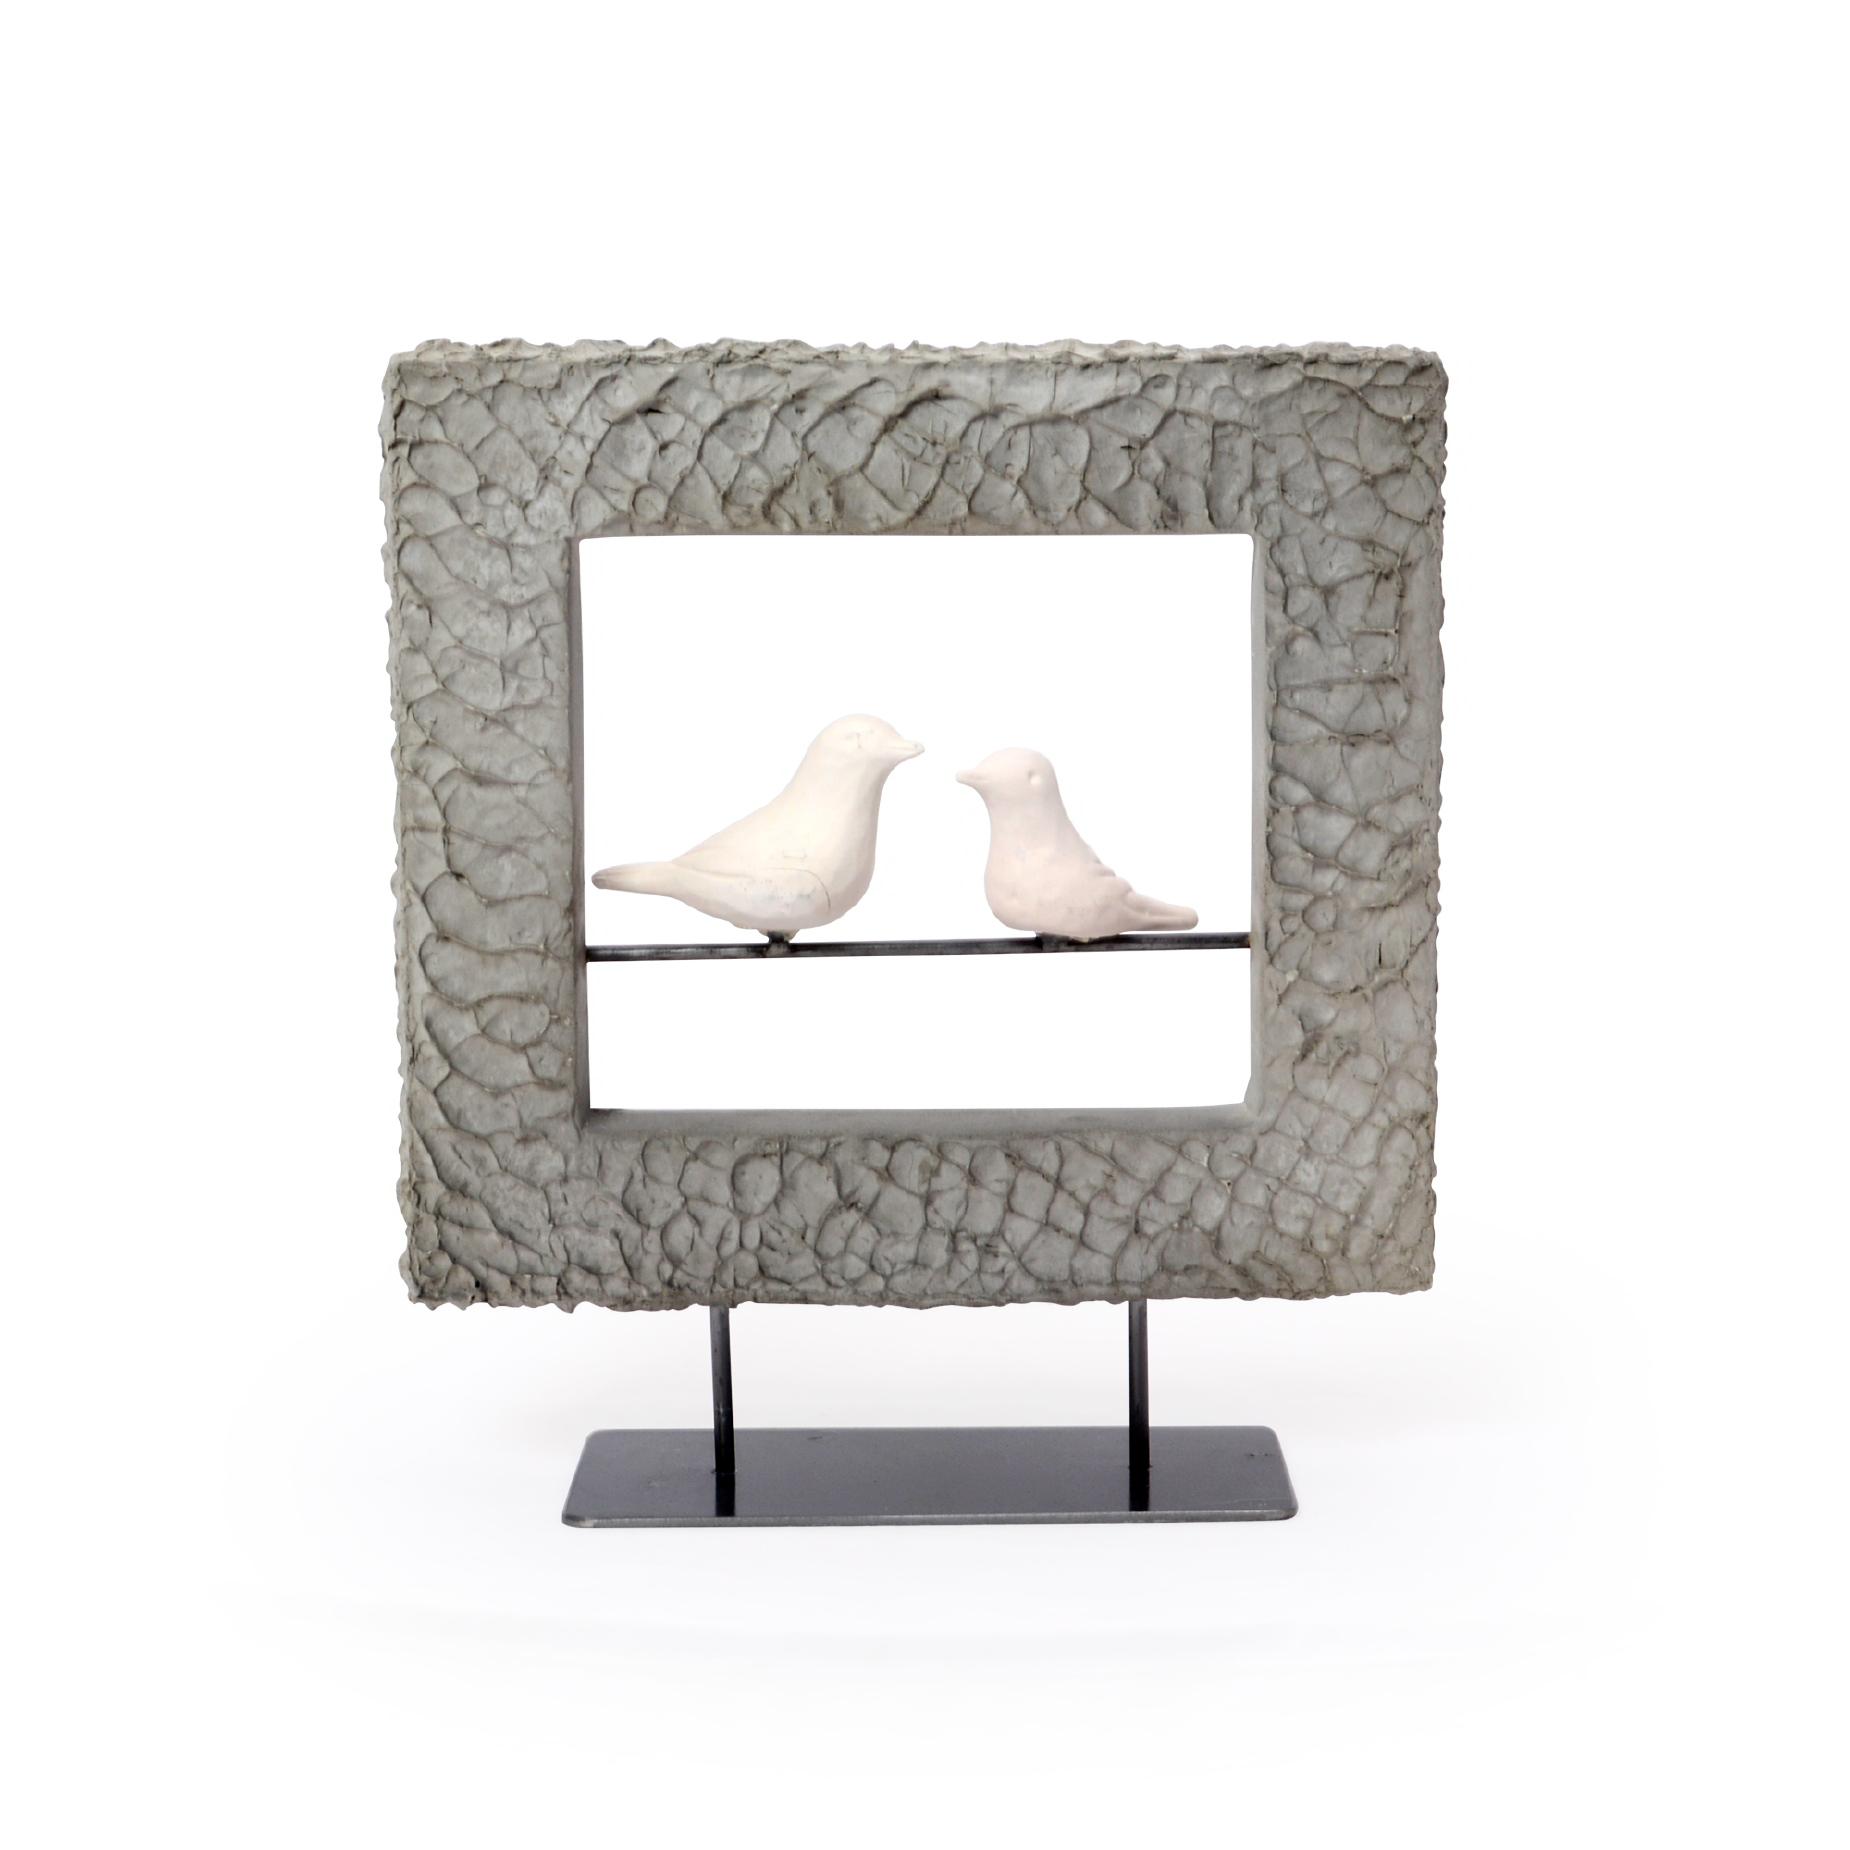 Escultura de Concreto com 2 pássaros